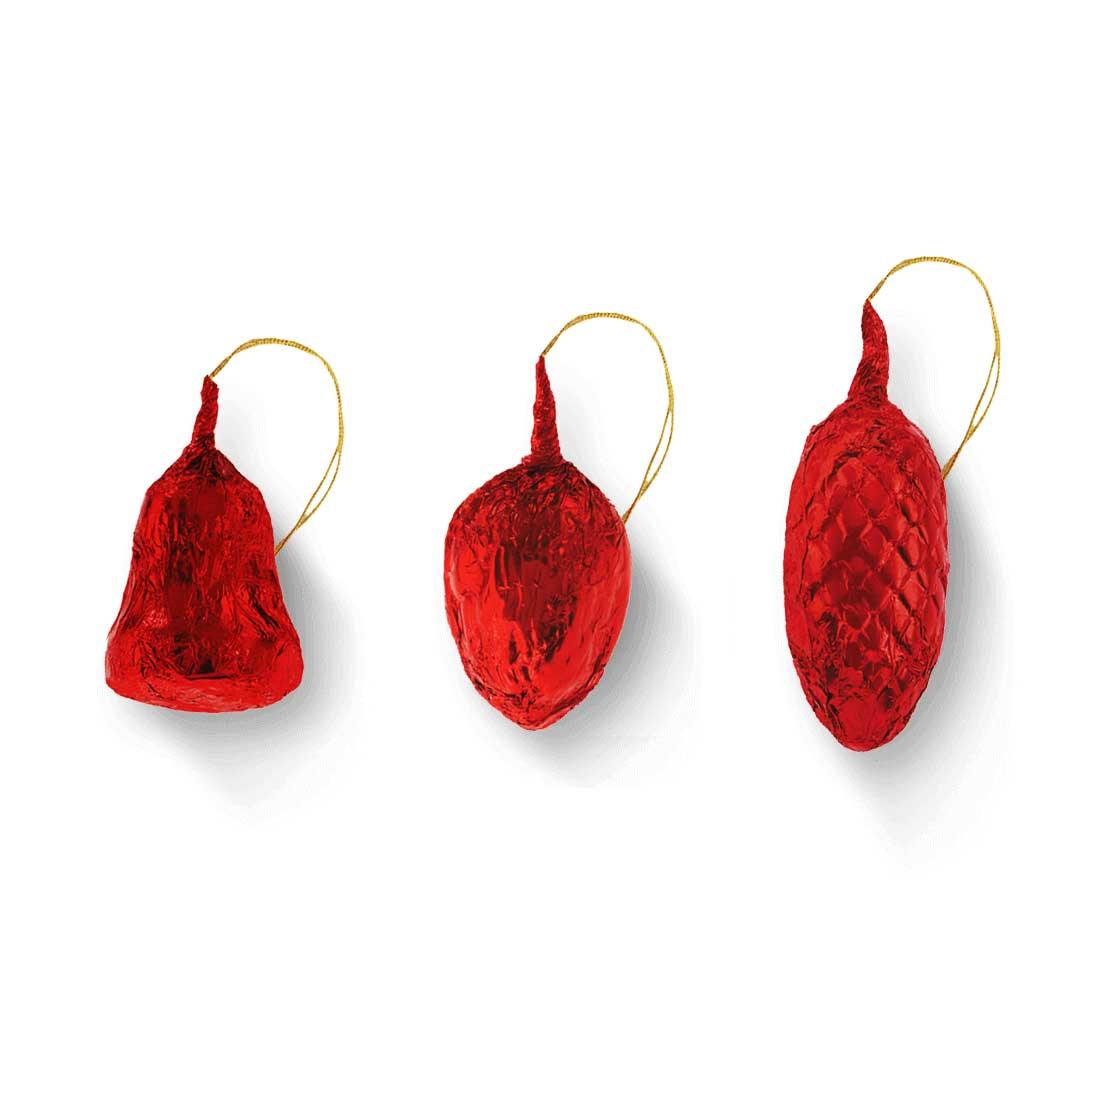 Colgante de Navidad de chocolate - $seoKeywords- Chocolats-De-Luxe